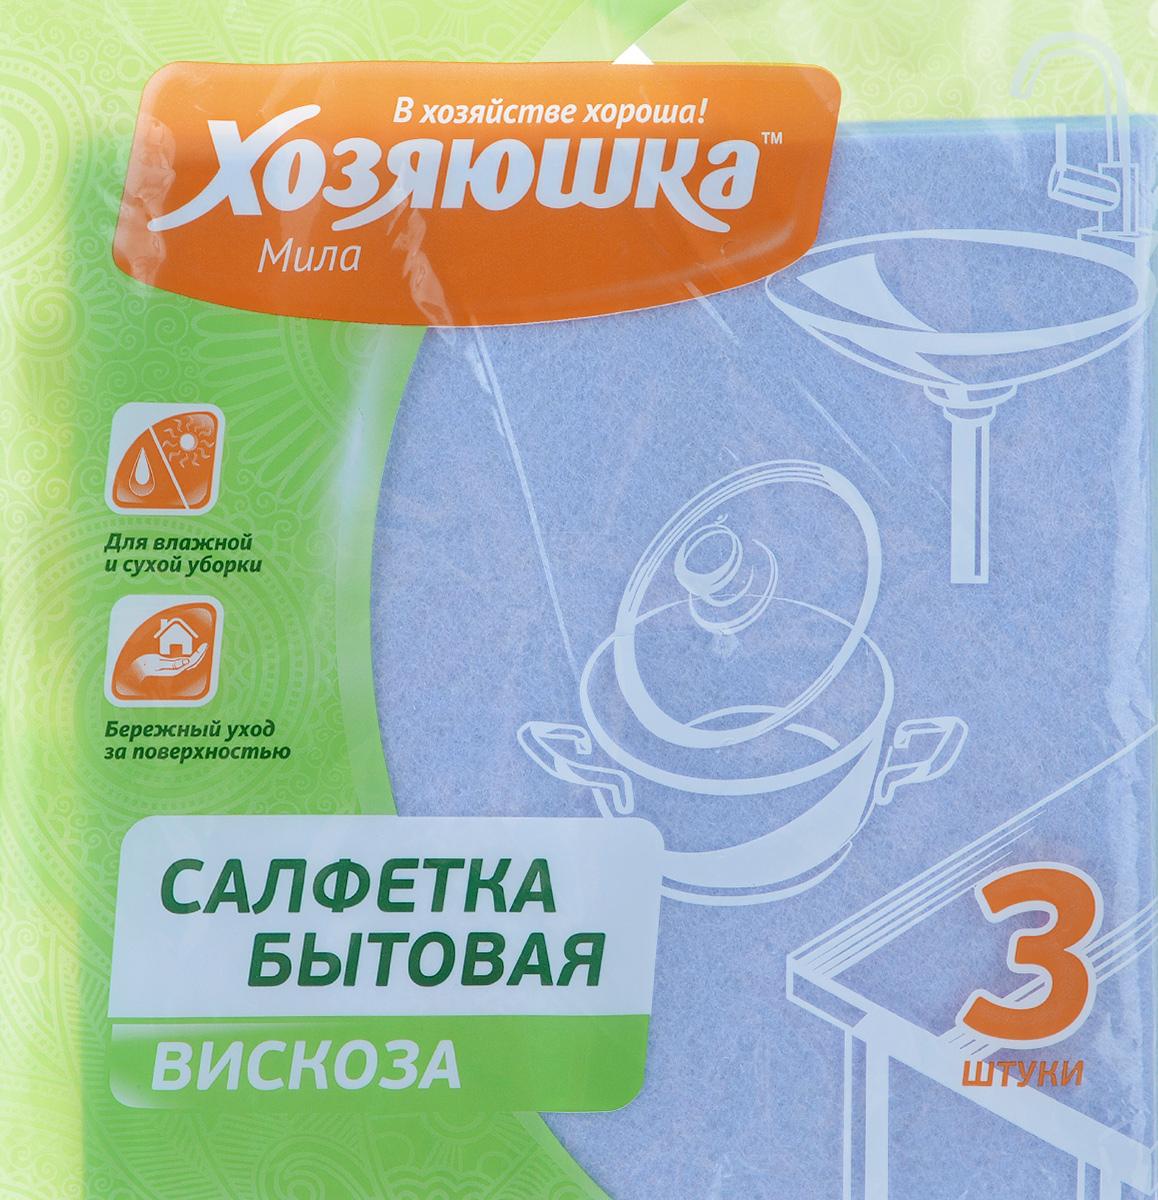 Салфетка бытовая Хозяюшка Мила, 35 см х 35 см, 3 шт. 0400198299571Салфетка бытовая Хозяюшка Мила, выполненная из вискозы и полиэстера, хорошо впитывает влагу и легко выжимается. Отлично удаляет пыль, не оставляет разводов и ворсинок. Салфетка может использоваться для ухода за всеми видами поверхностей: деревянной и ламинированной мебели, кухонной мебели, кафеля, раковин.Размер салфетки: 35 см х 35 см.Комплектация: 3 шт.